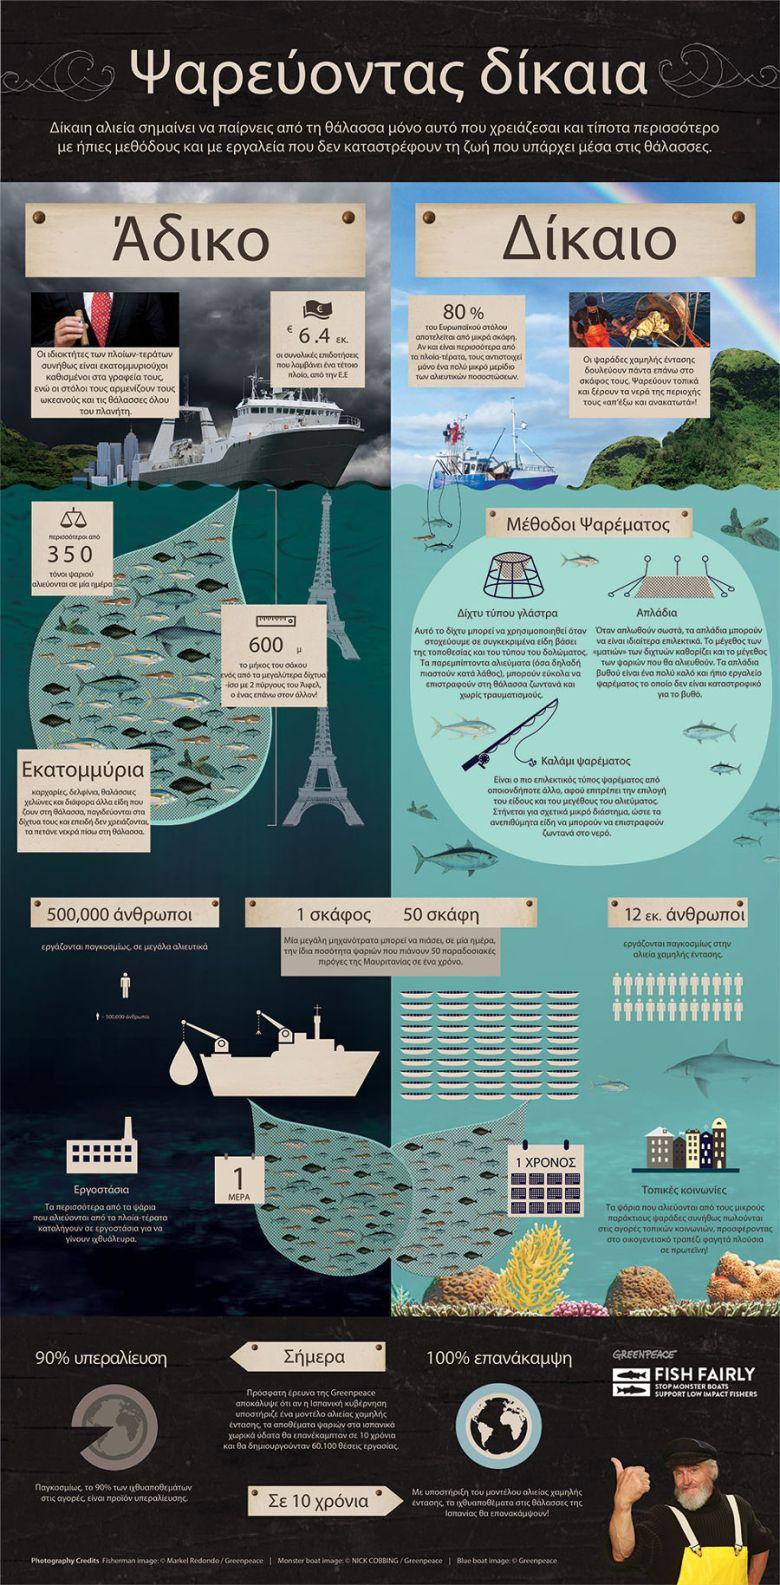 Τα πλοία τέρατα ψαράδικα και η σύγκρισή τους σε σχέση με τα παραδοσιακά αλιευτικά.